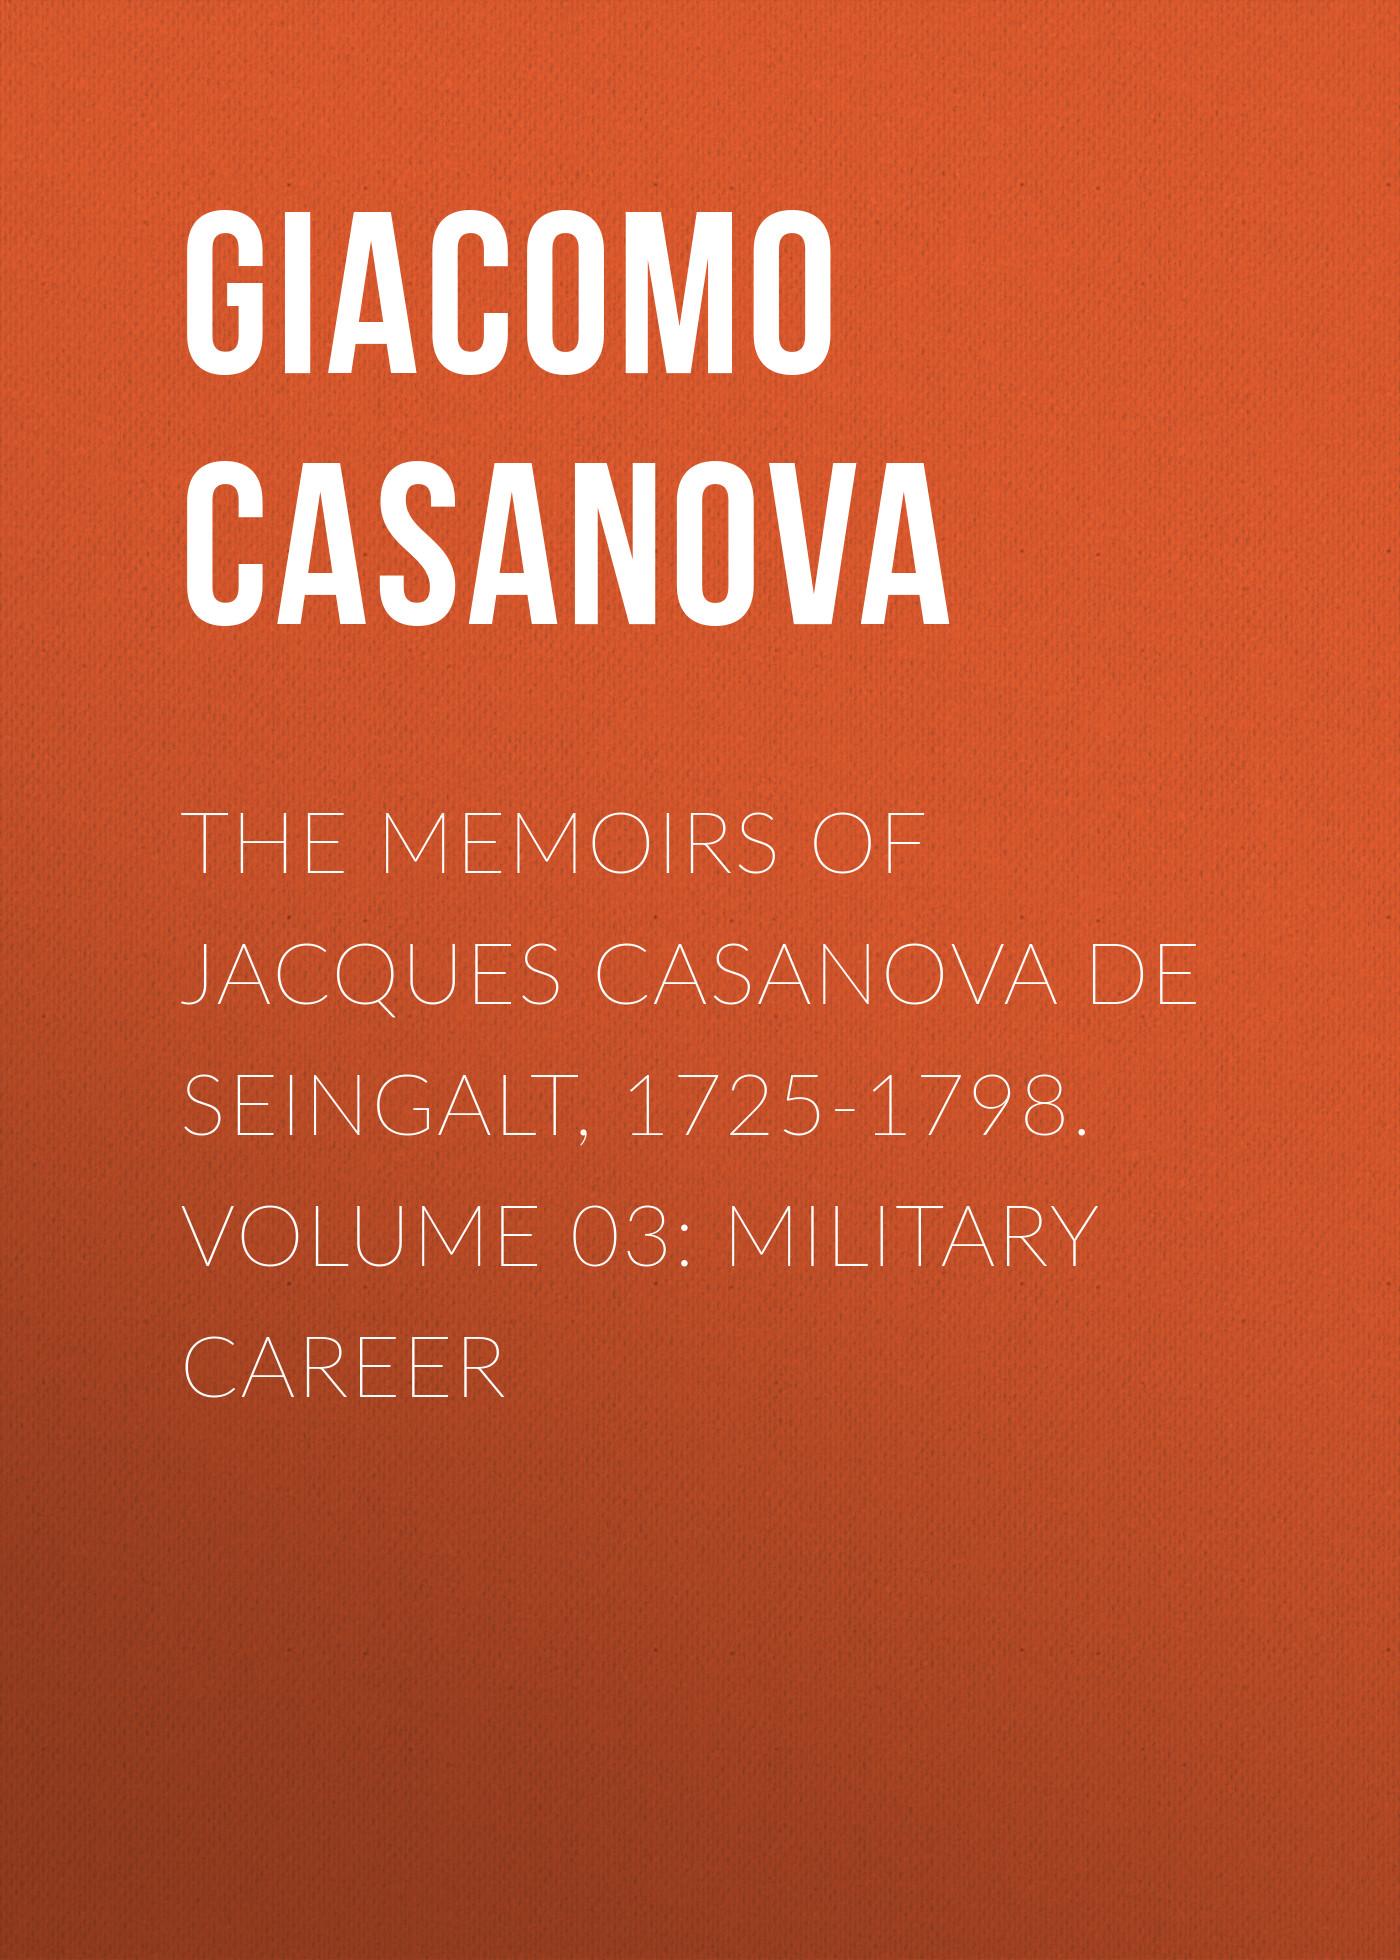 Giacomo Casanova The Memoirs of Jacques Casanova de Seingalt, 1725-1798. Volume 03: Military Career giacomo casanova the memoirs of jacques casanova de seingalt 1725 1798 volume 20 milan